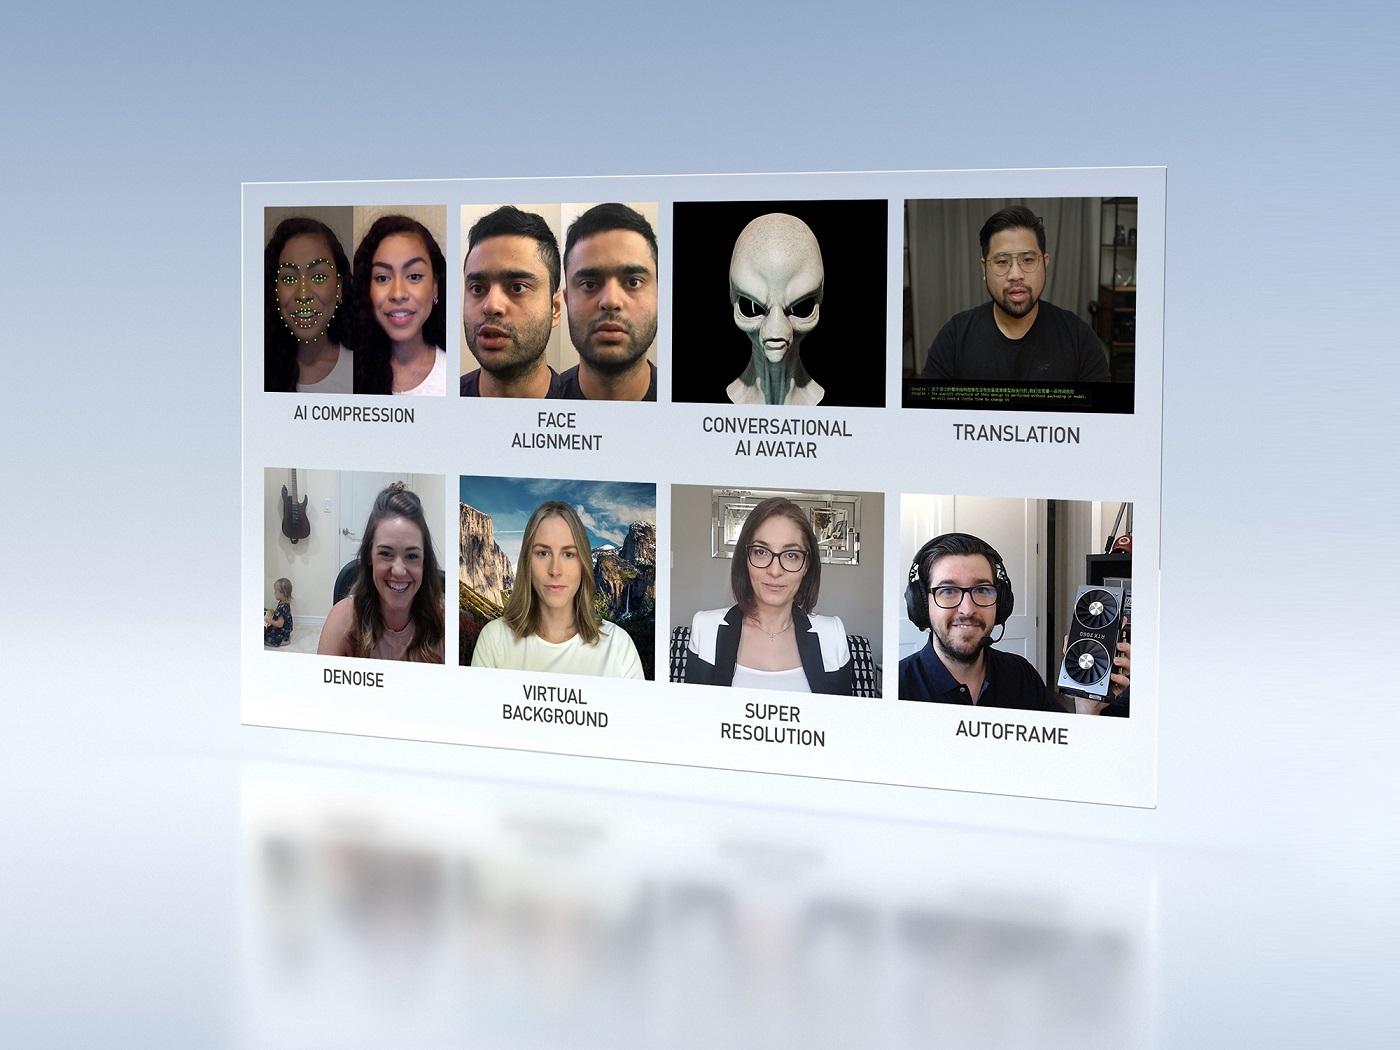 פלטפורמת הוידאו לבינה מלאכותית מקסין, אחד המוצרים שהכורזו בכנס ה-GTC, אוקטובר 2020. צילום יחצ, אנבידיה